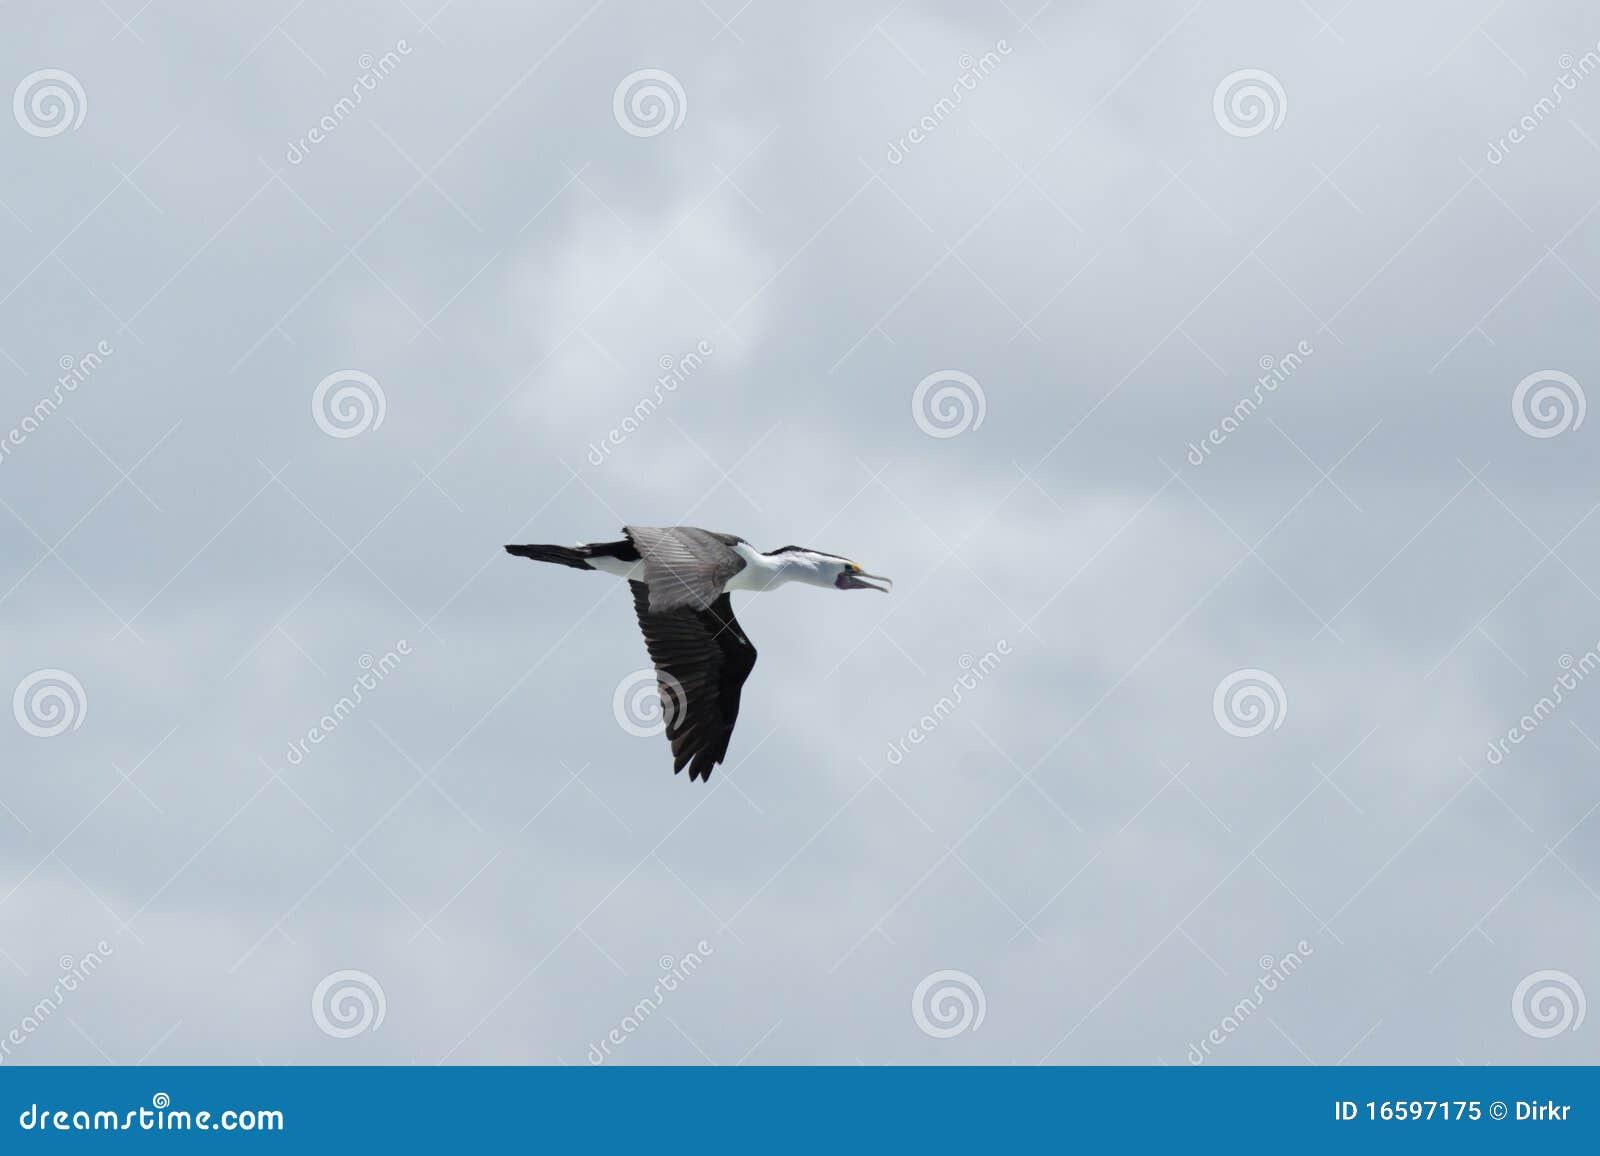 australian pied cormorant  phalacrocorax varius  stock image